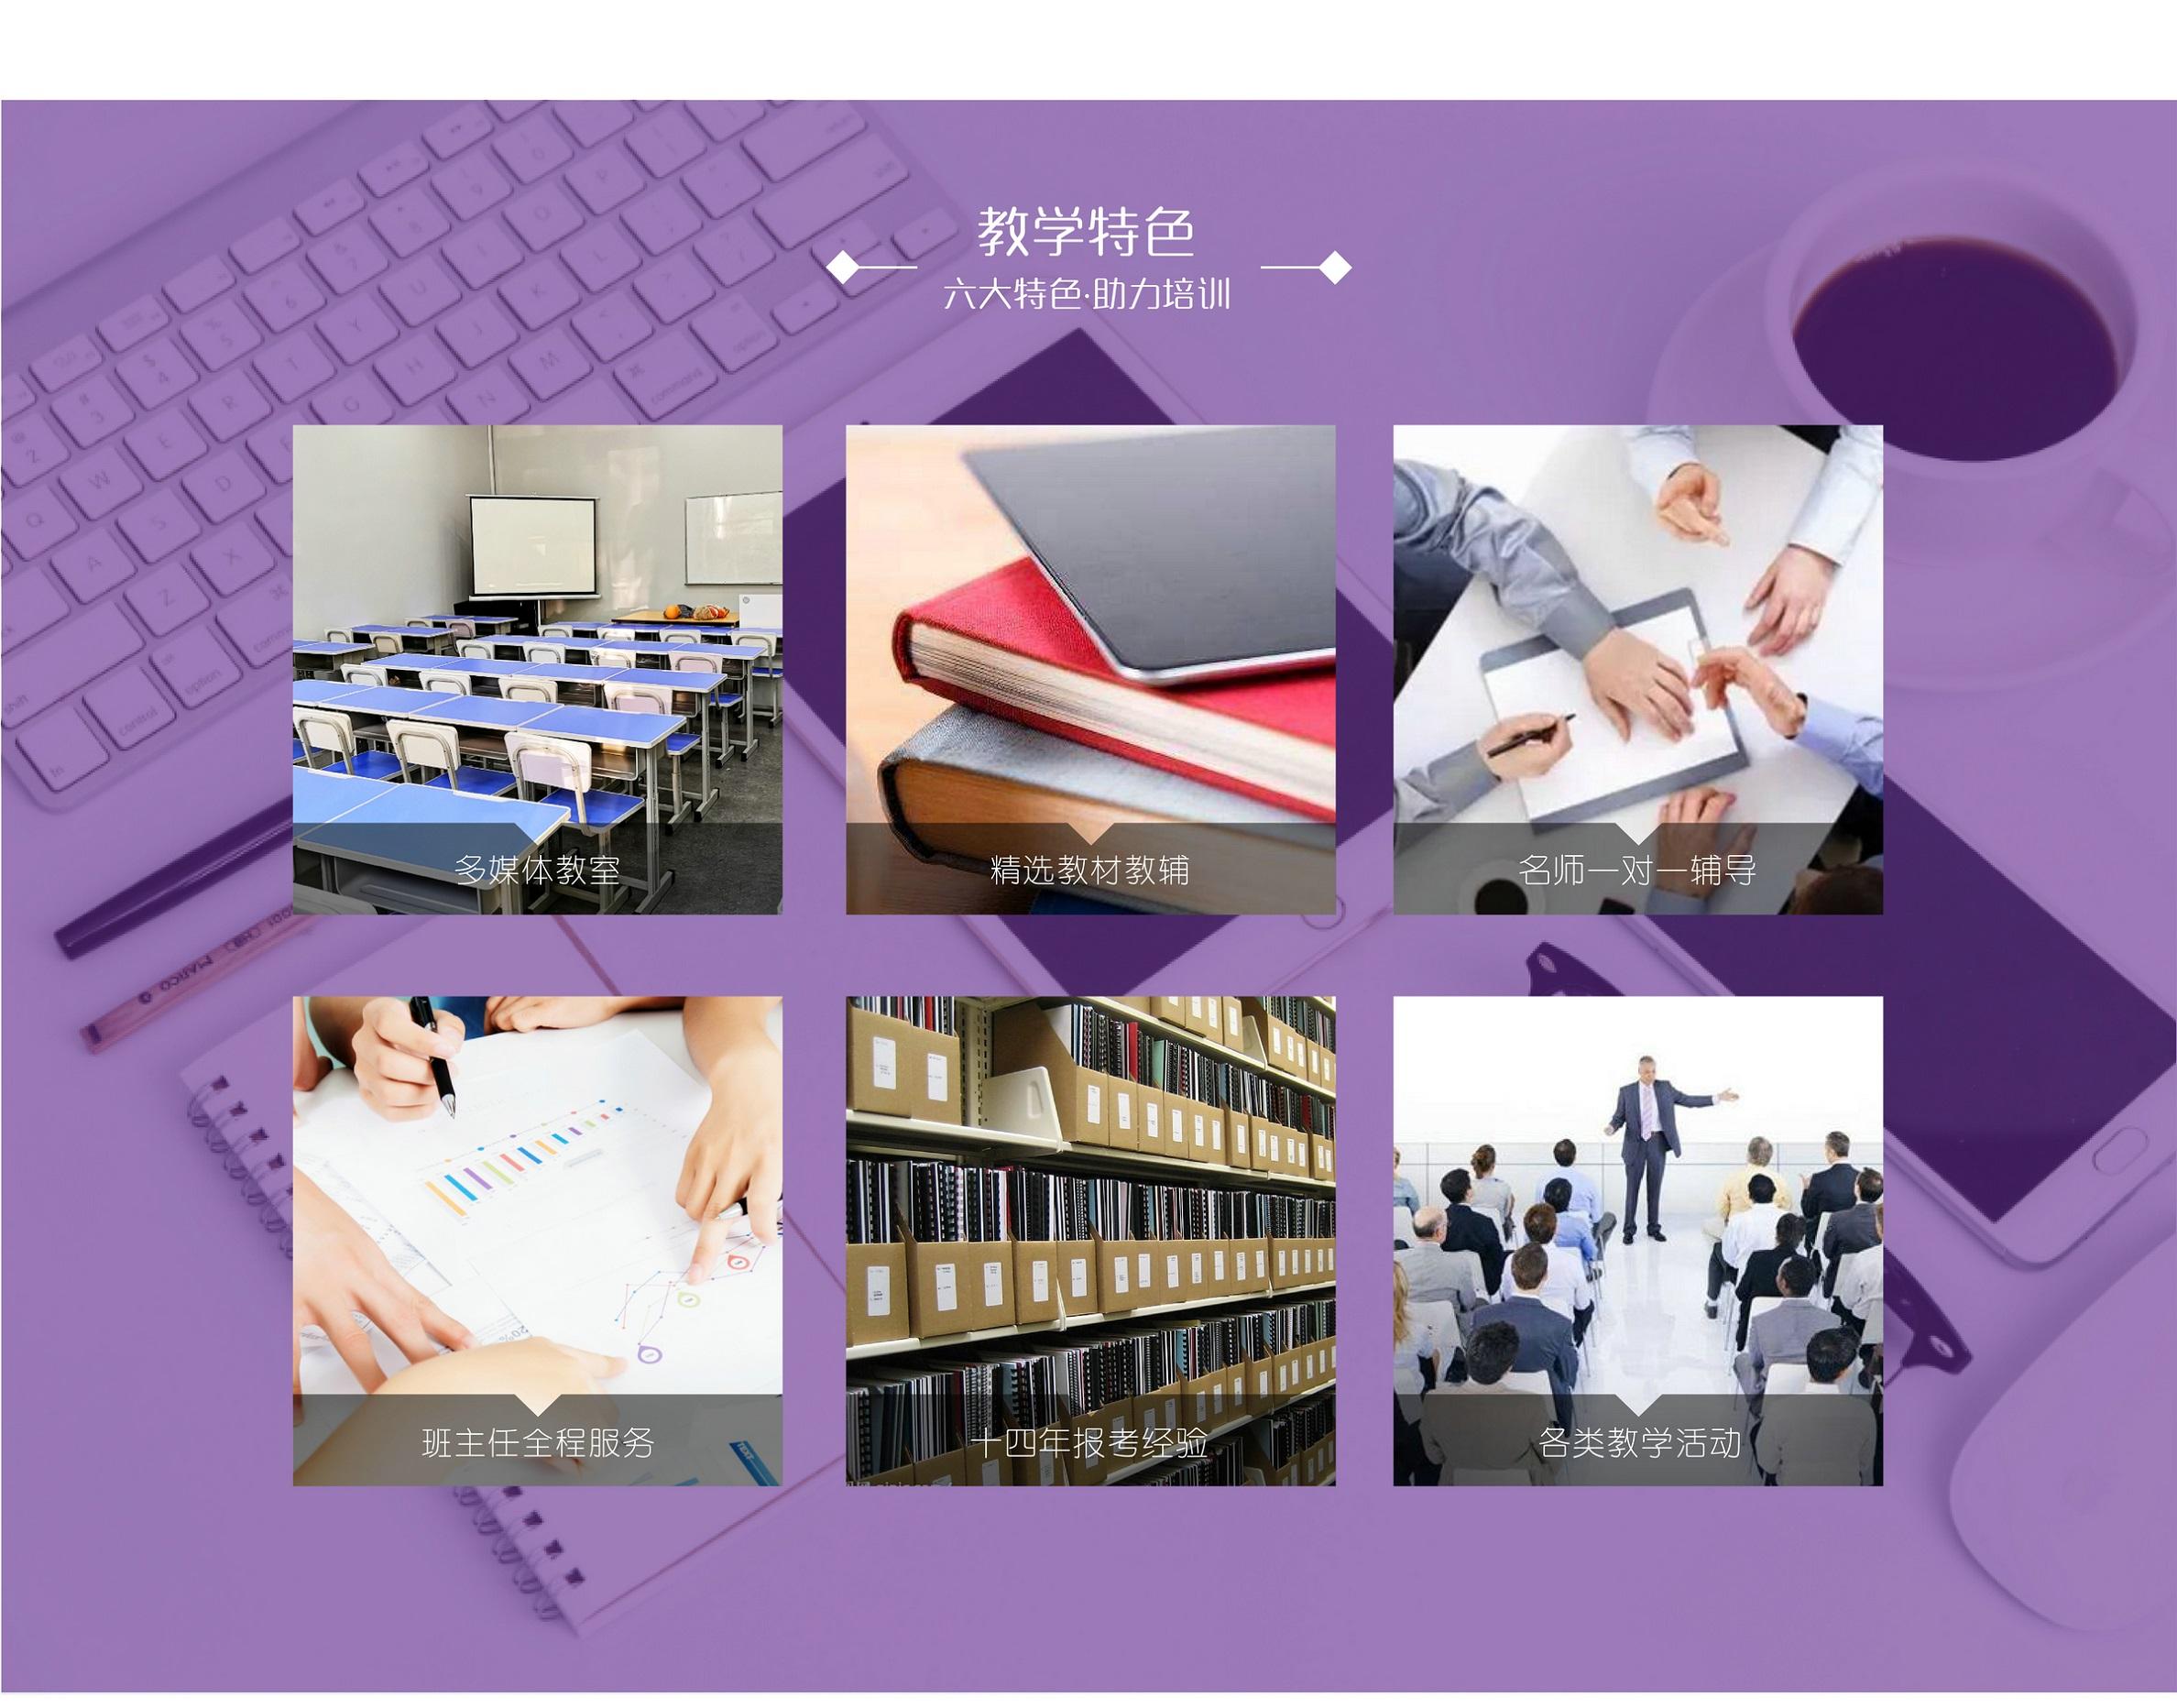 课程-劳动-06_1.jpg